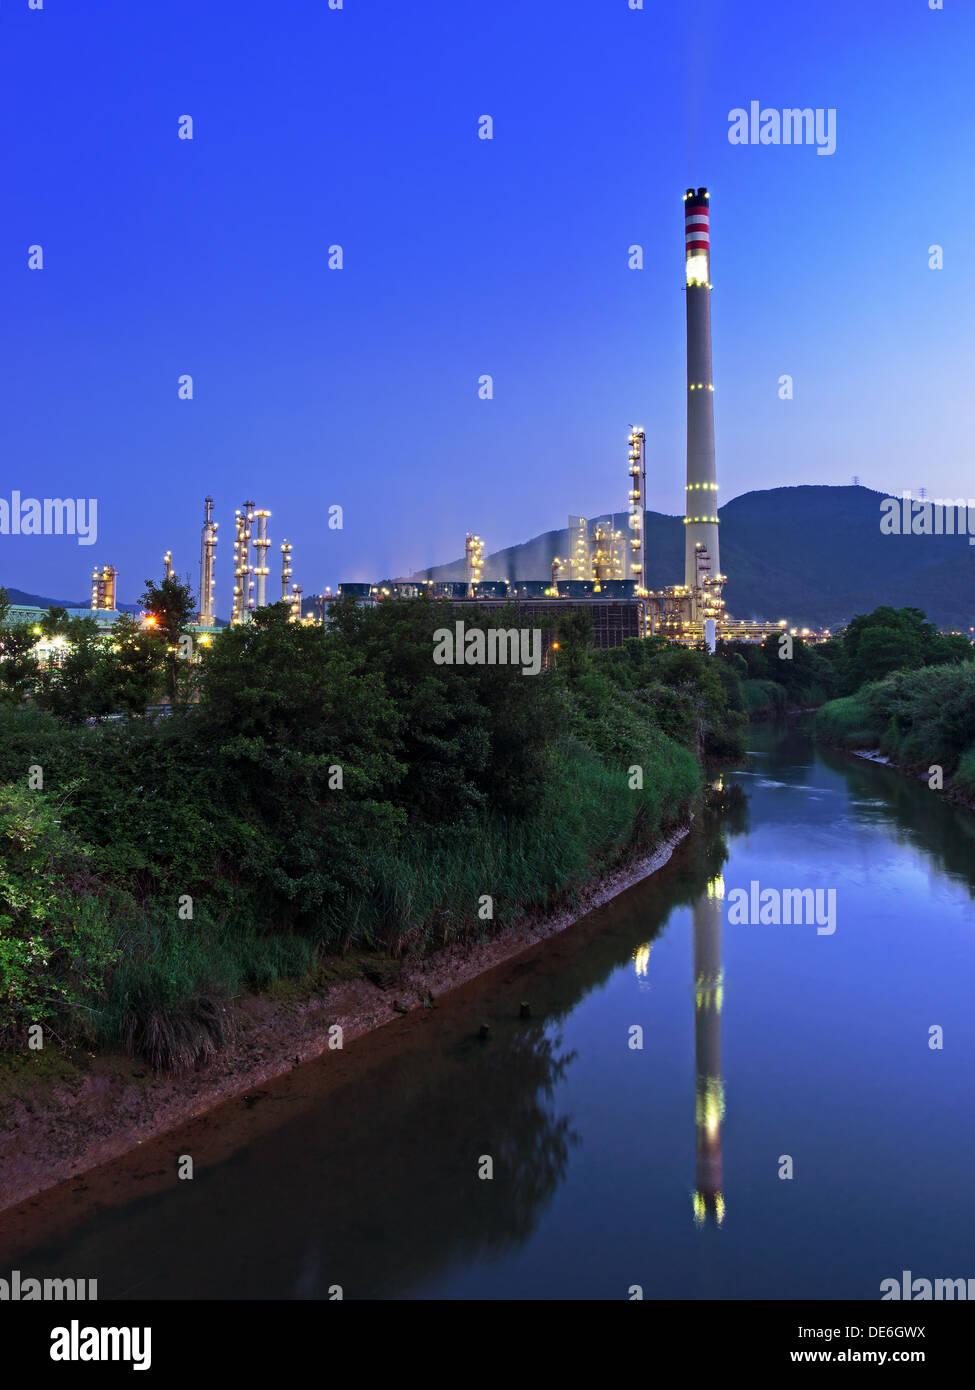 industrielle Raffinerie mit Schornstein in der Nähe eines Flusses Stockbild